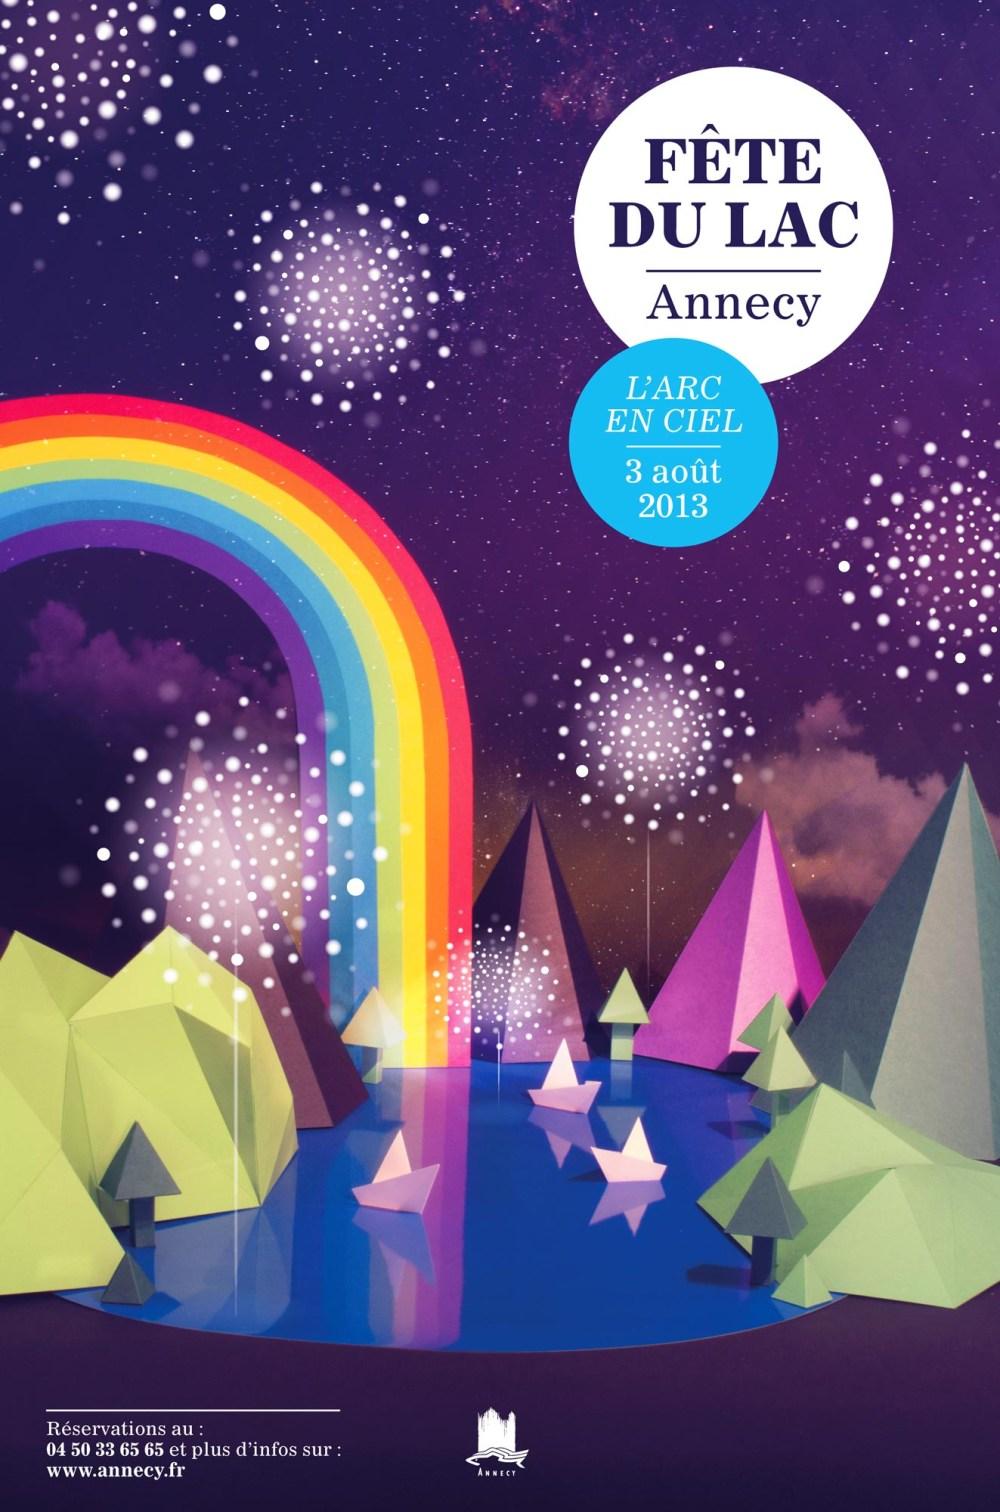 fete-lac-annecy-2013-paper-art